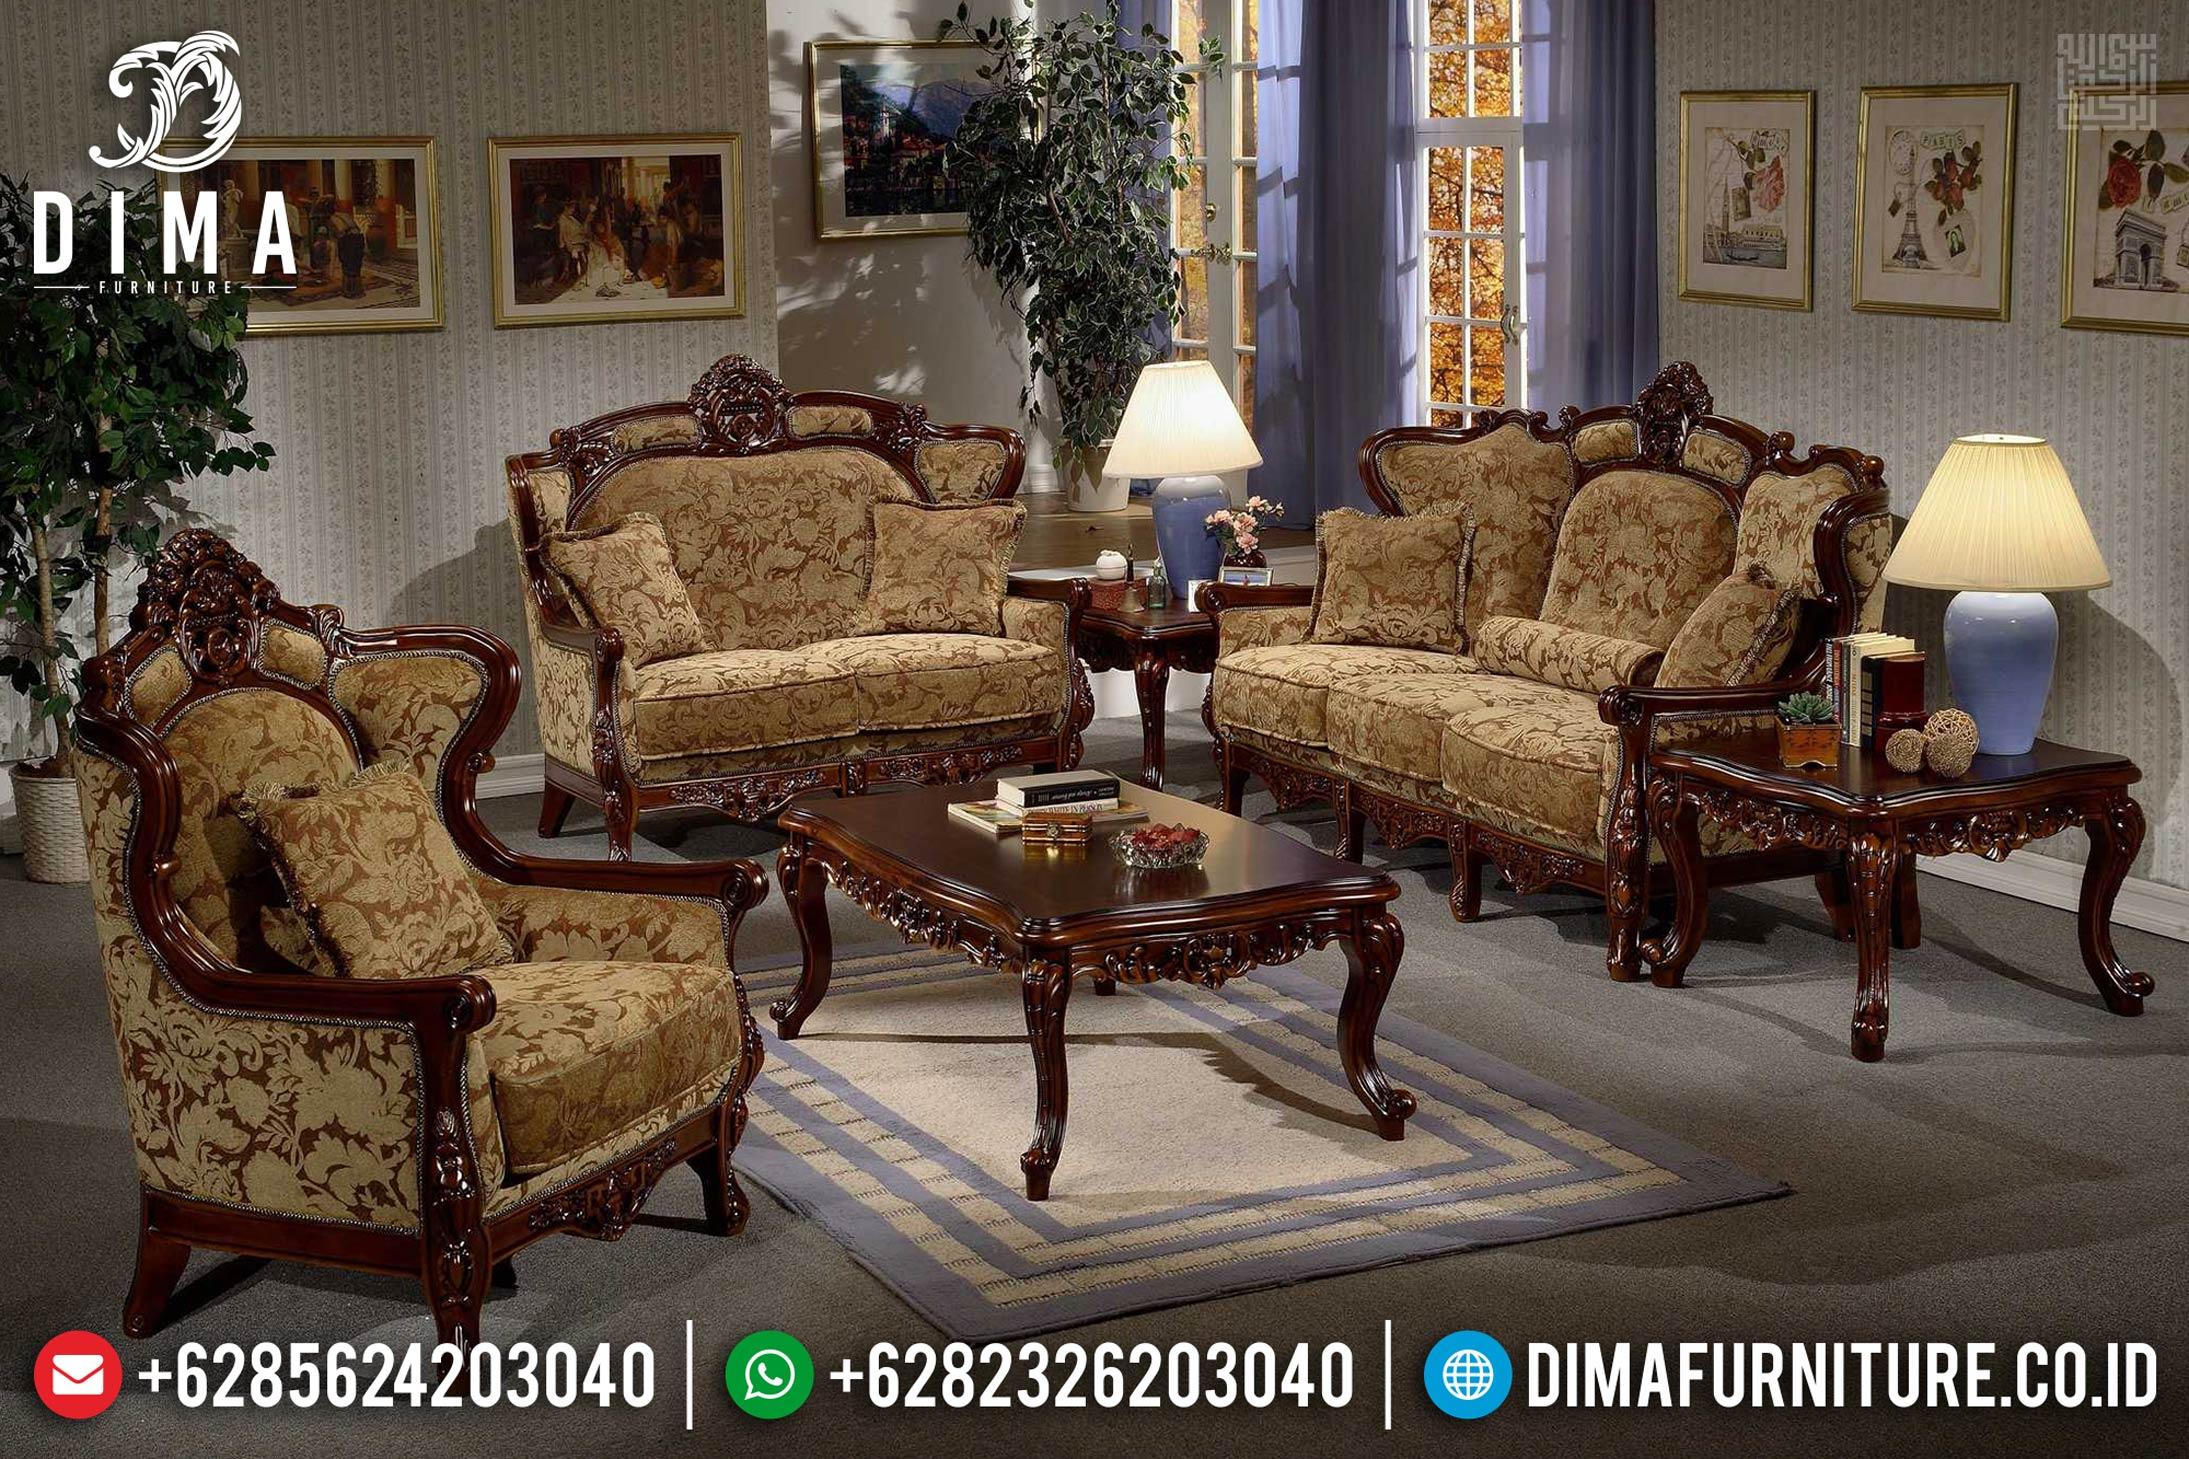 Great Class Sofa Tamu Mewah Jati Natural Kayu Perhutani Furniture Jepara MMJ-0393